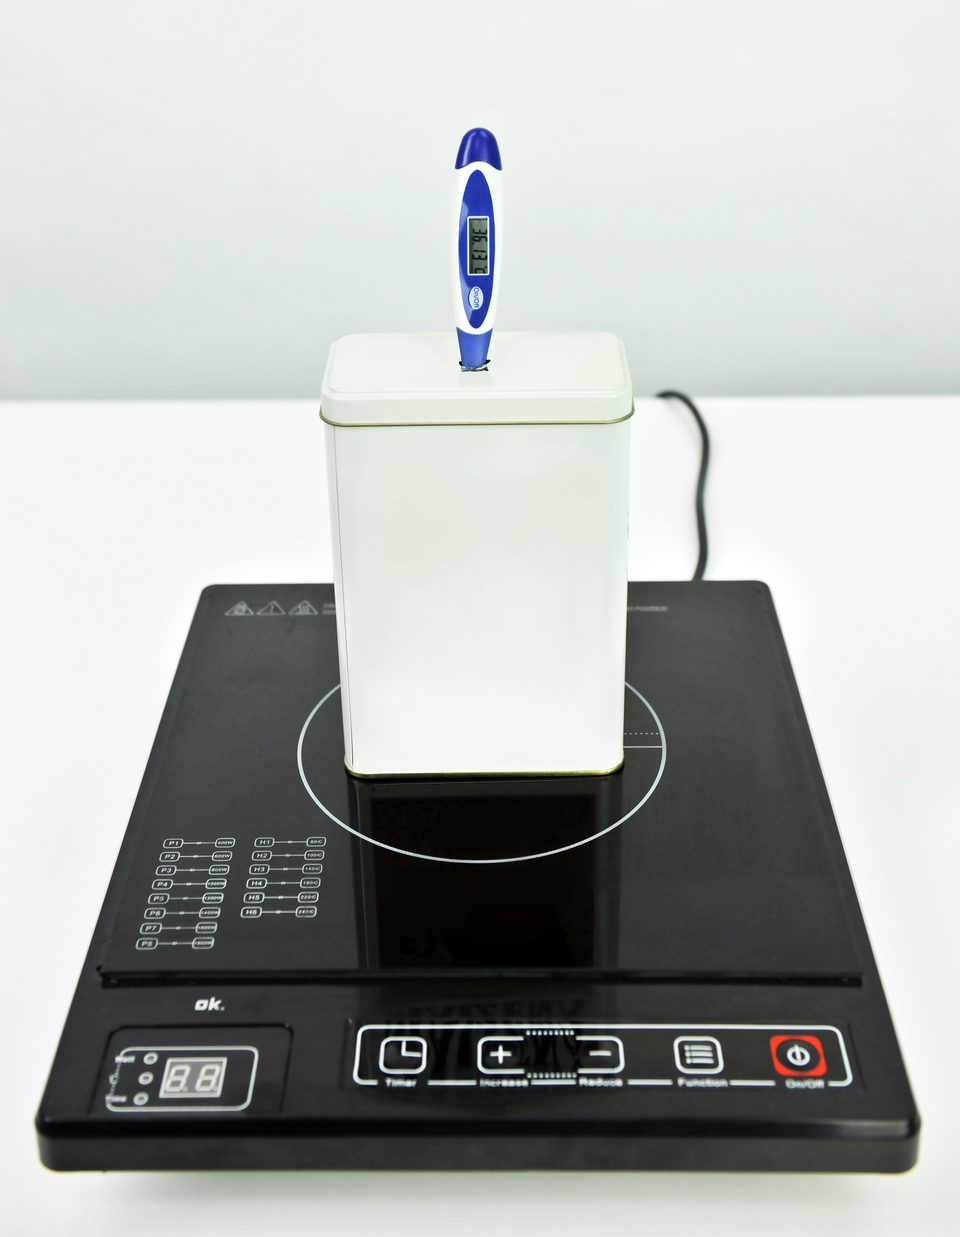 Zestaw naczynie ipokrywa, wktórej znajduje się termometr elektryczny, obok kuchenka elektryczną